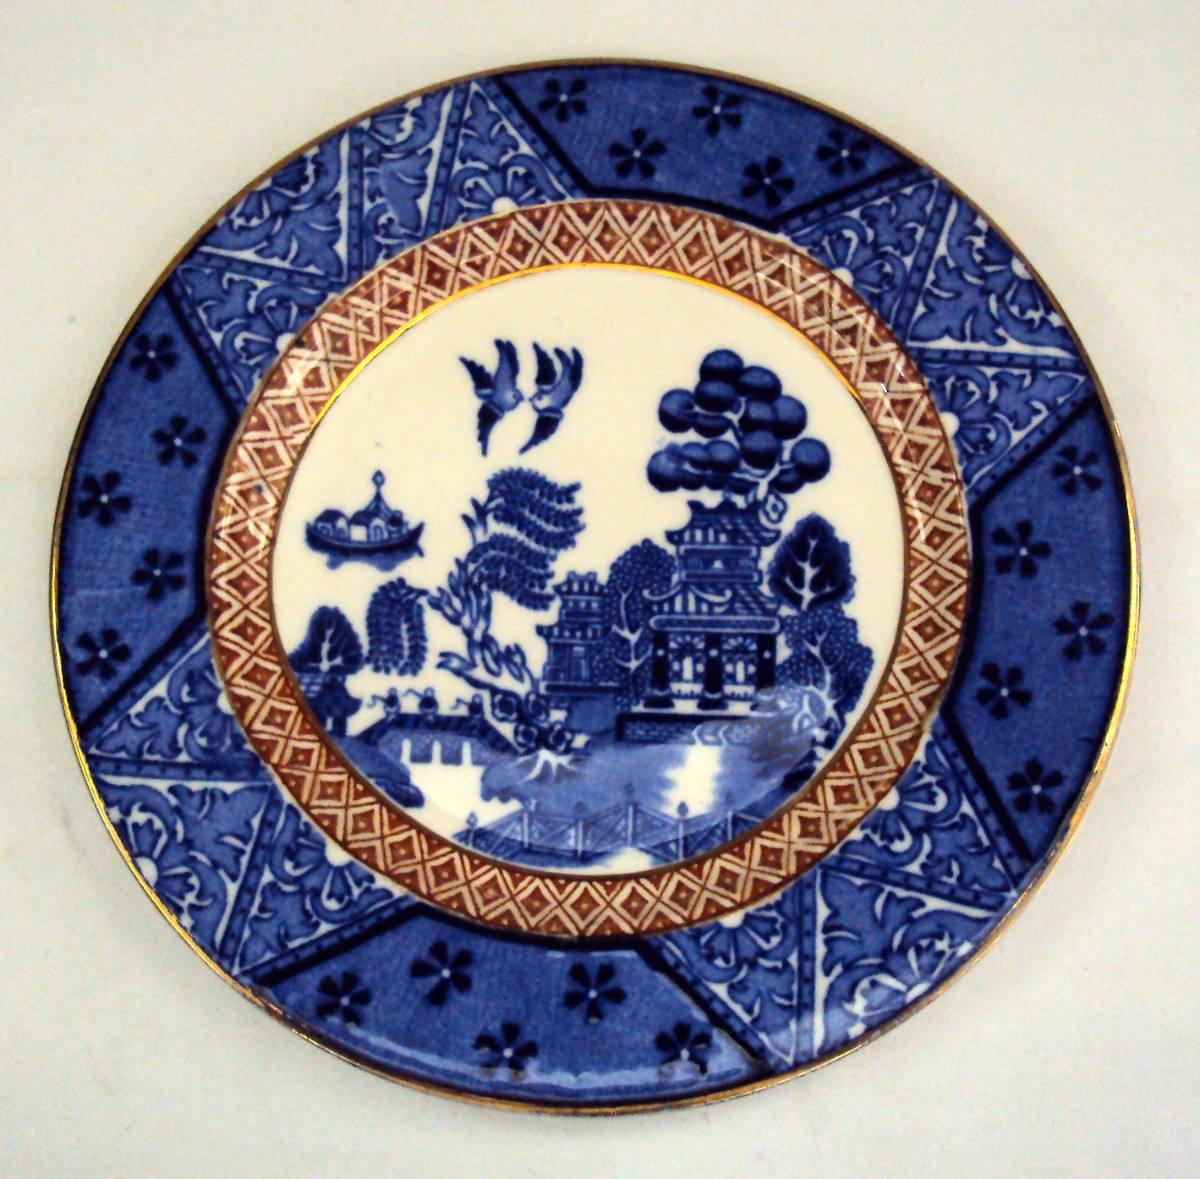 prato-s-de-po-willow-azul-pombinho-e-dourado-14102-MLB216379157_4699-F